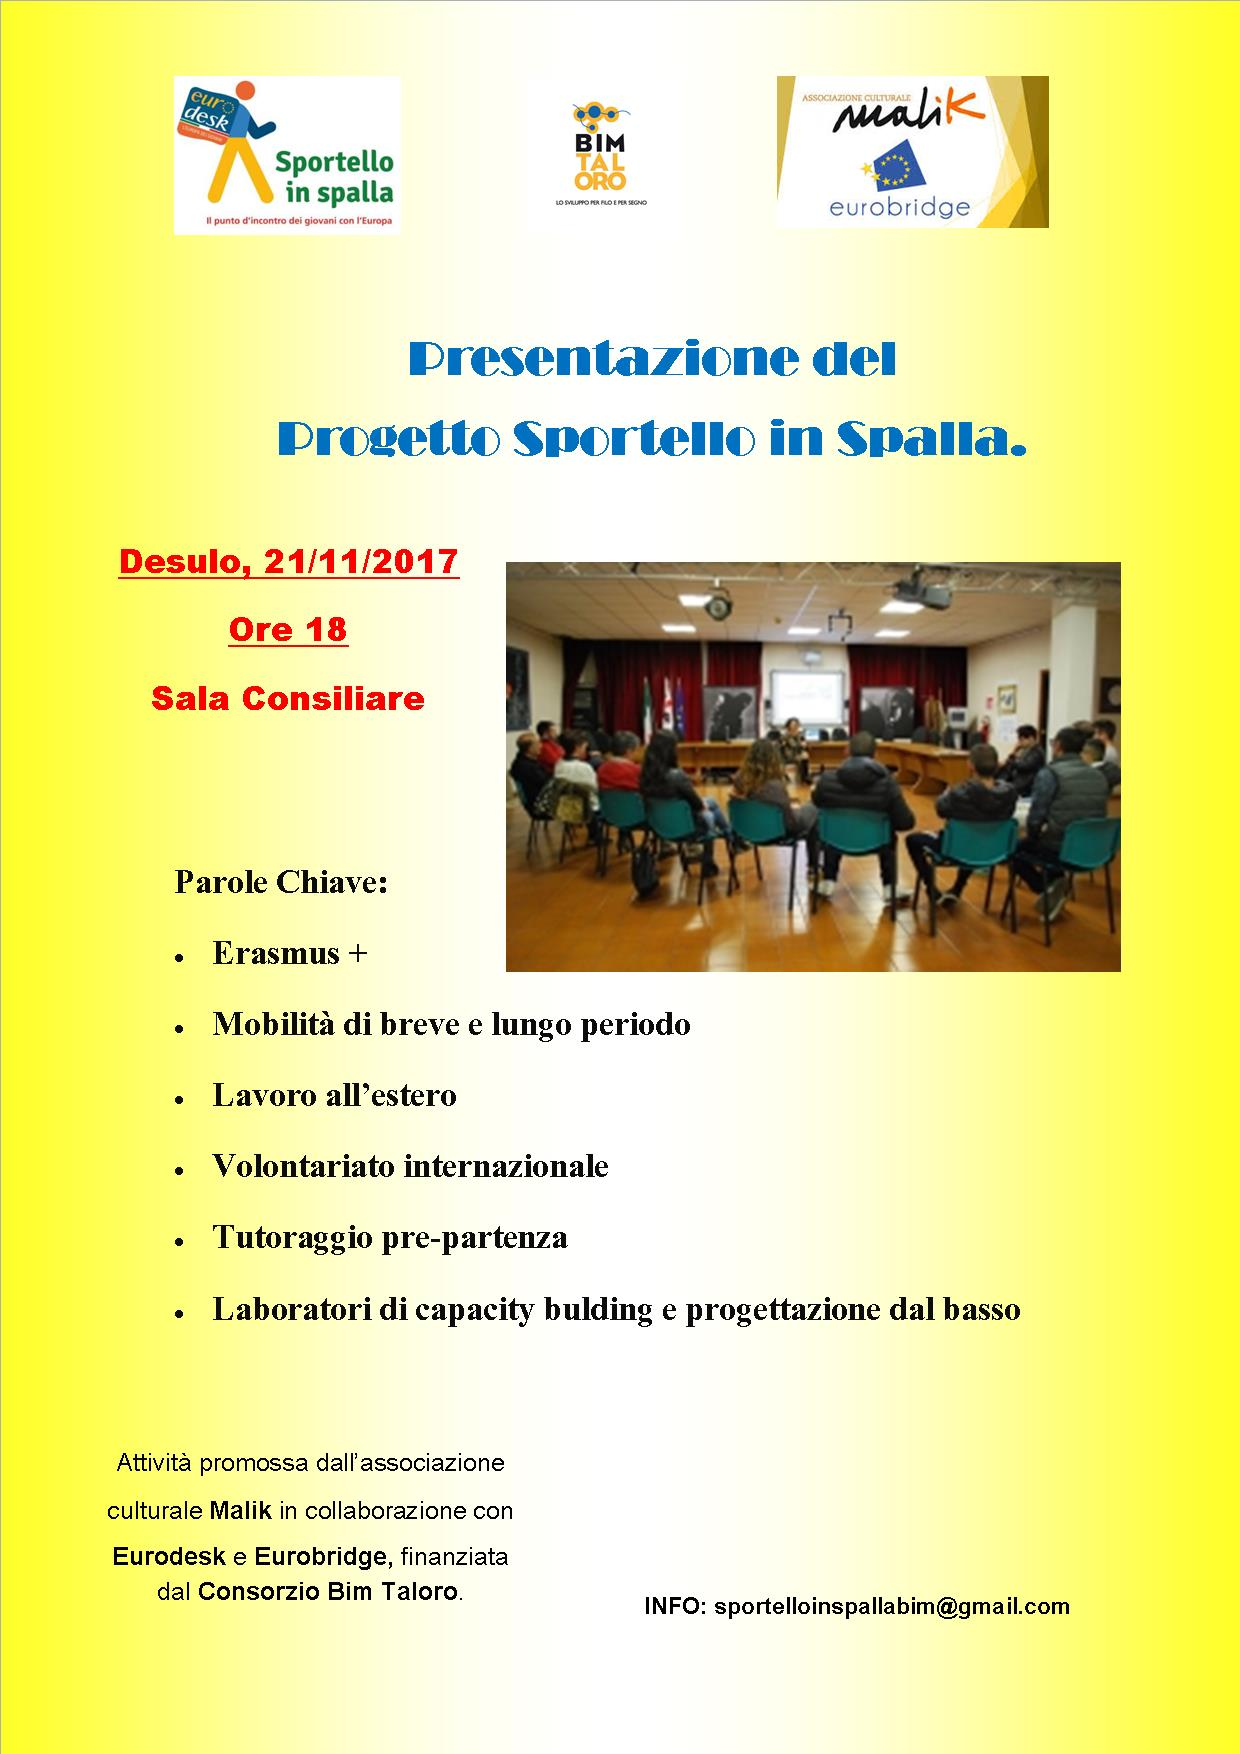 locandina-sportello-in-spalla-desulo